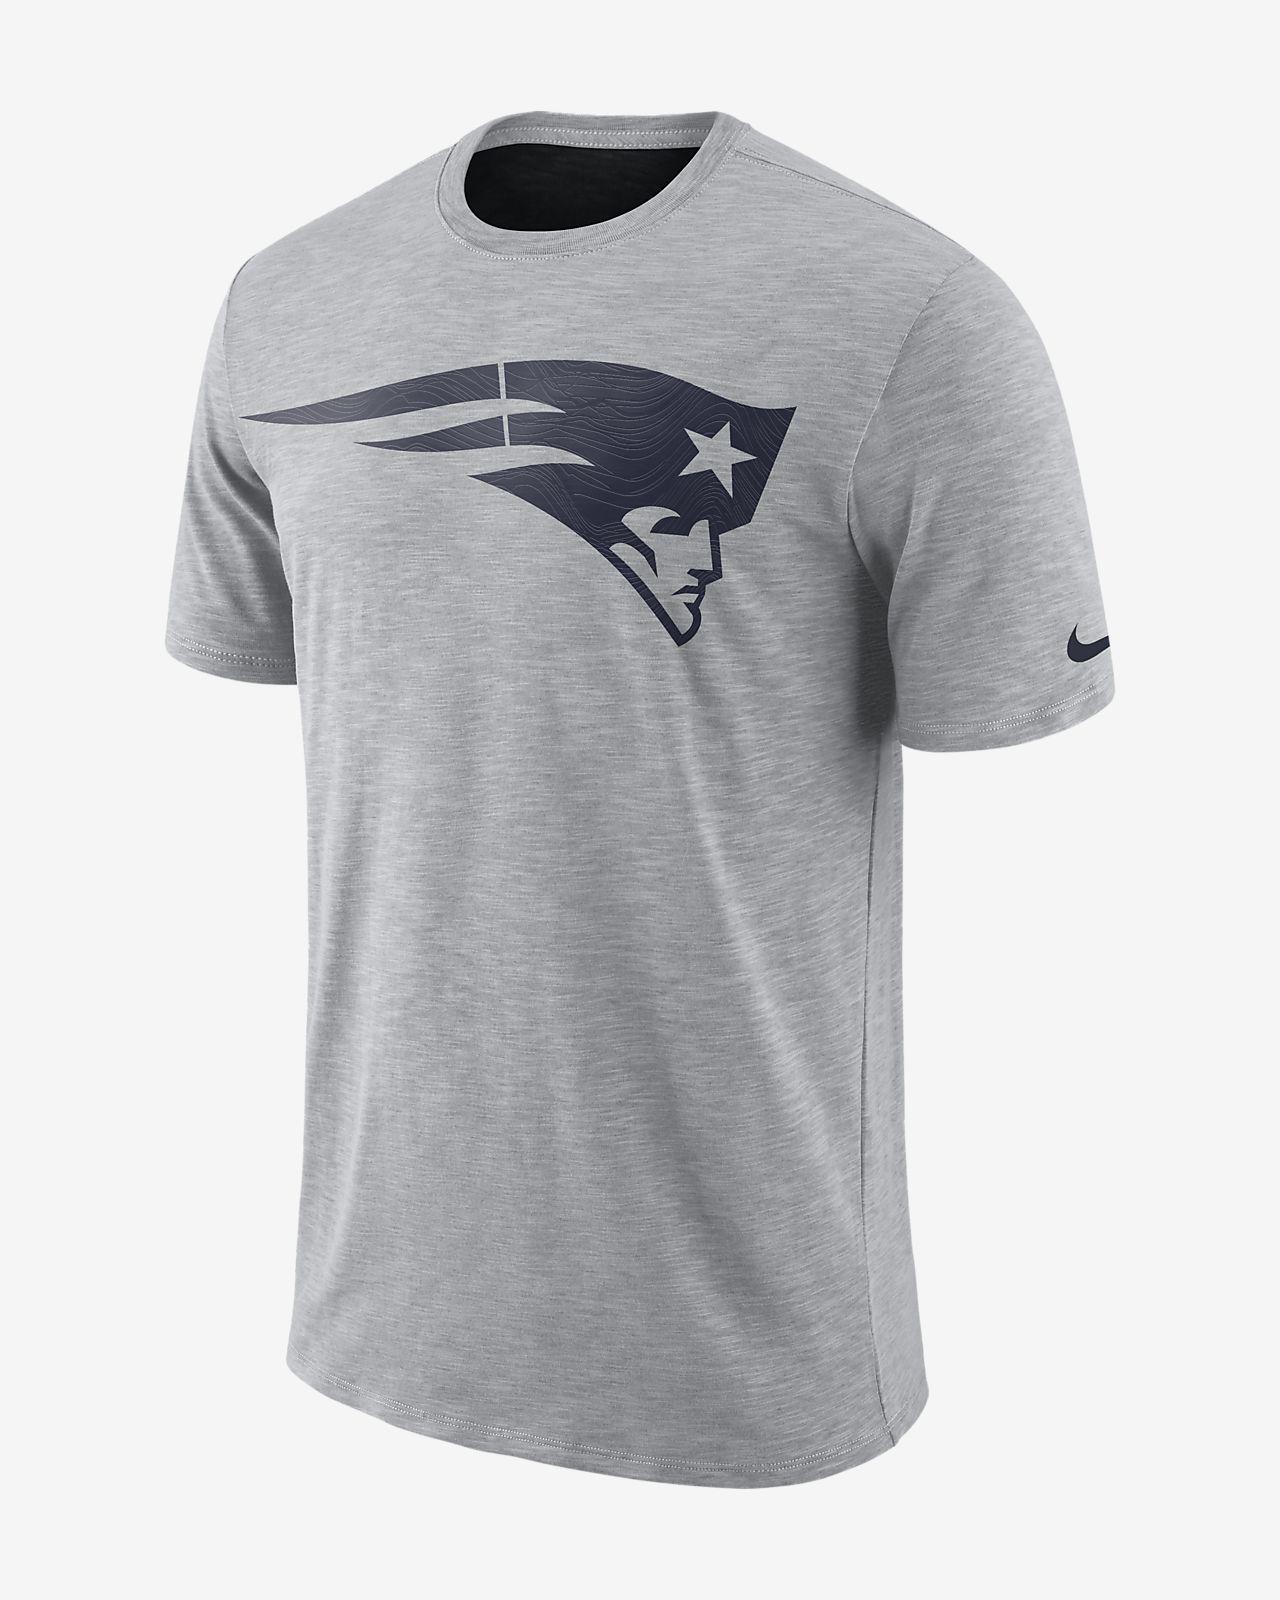 fccadd21b Nike Dri-FIT Legend On-Field (NFL Patriots) Men s T-Shirt. Nike.com NZ